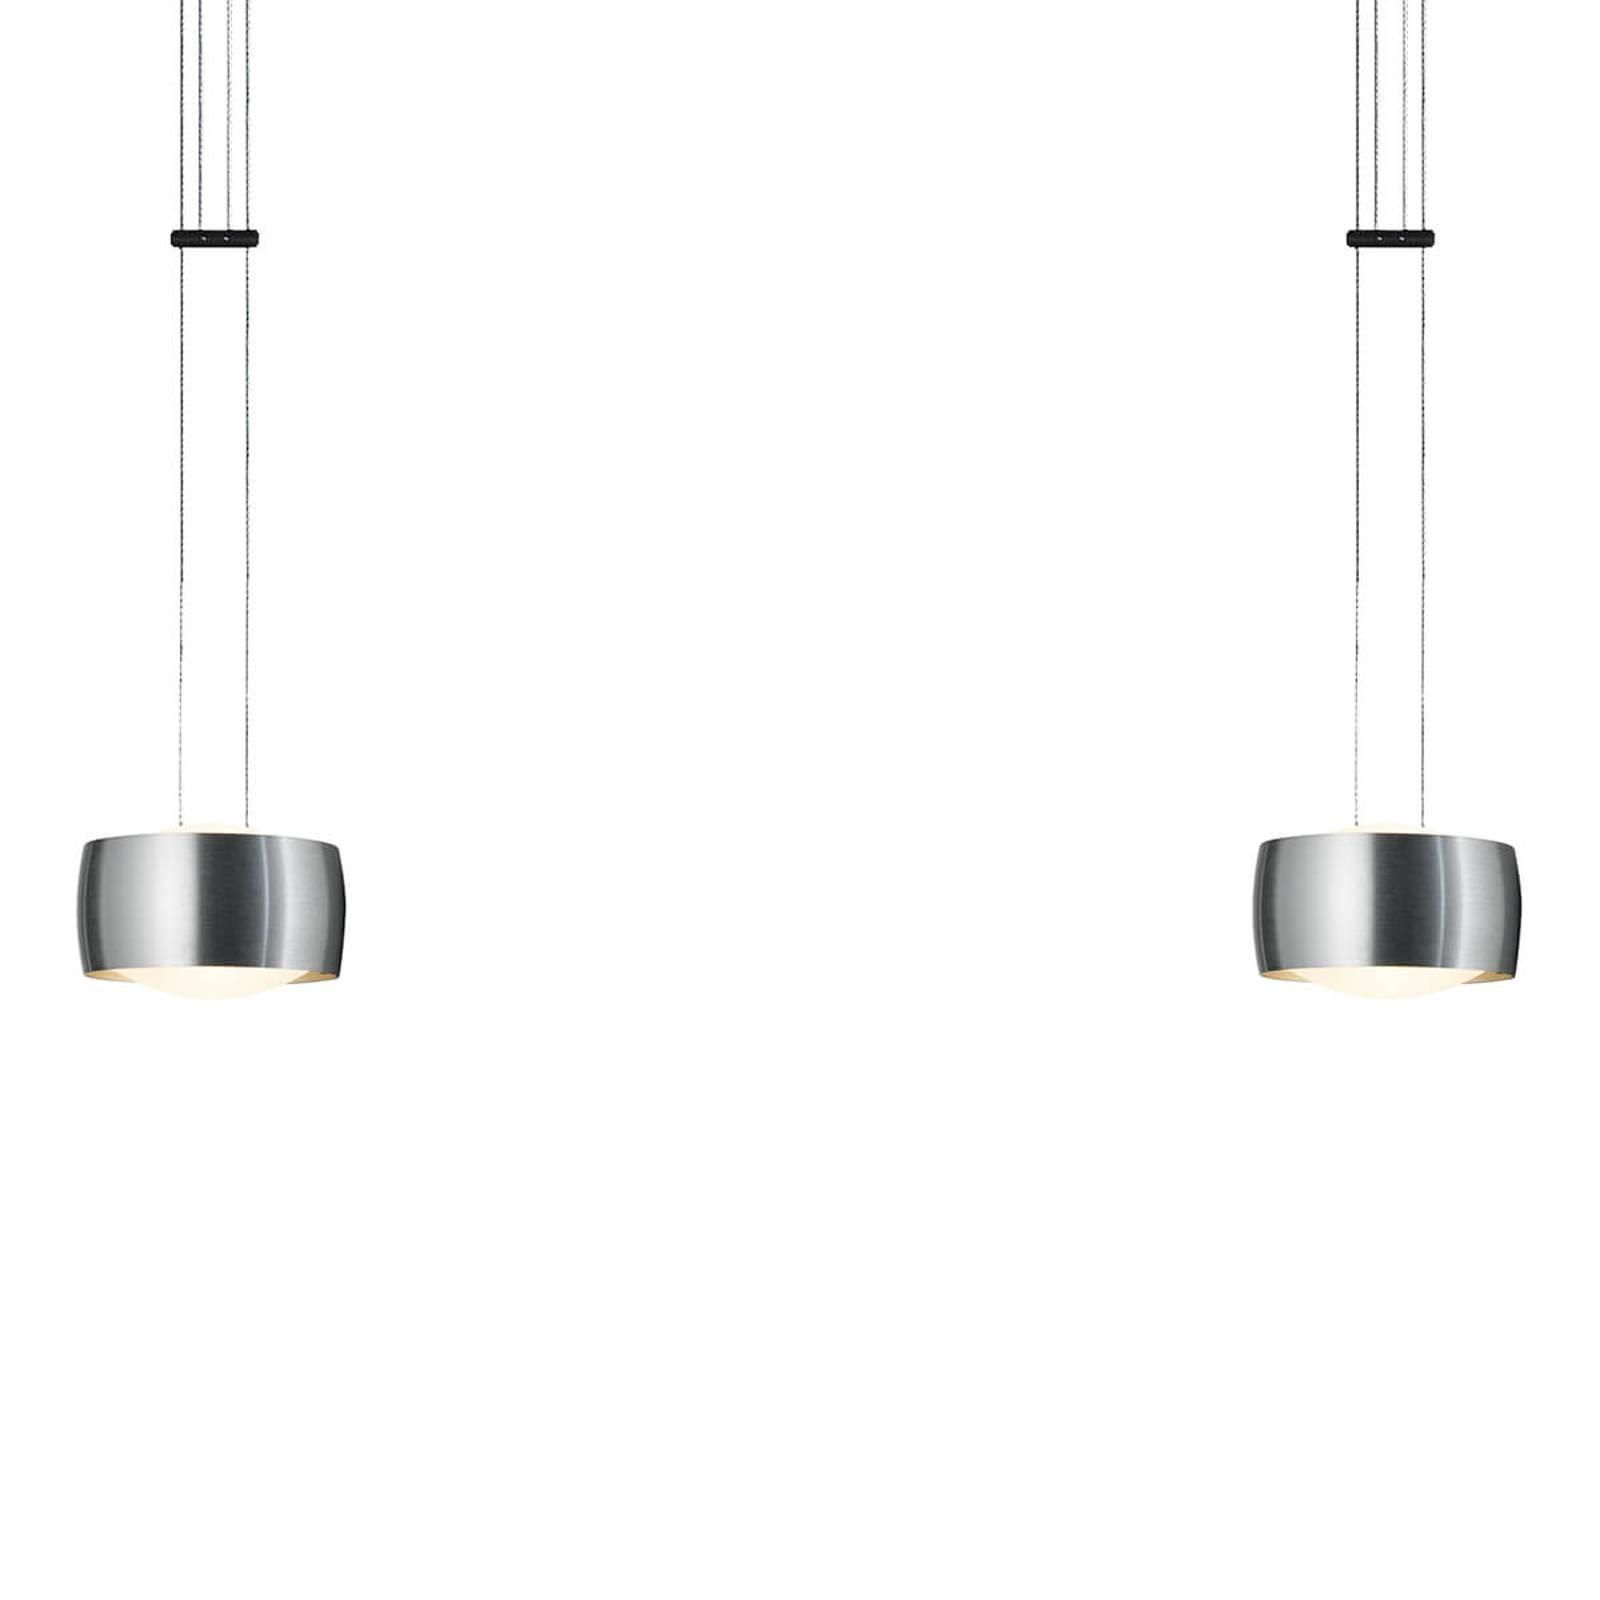 OLIGO Grace LED-riippuvalaisin 2-lamppuinen alu